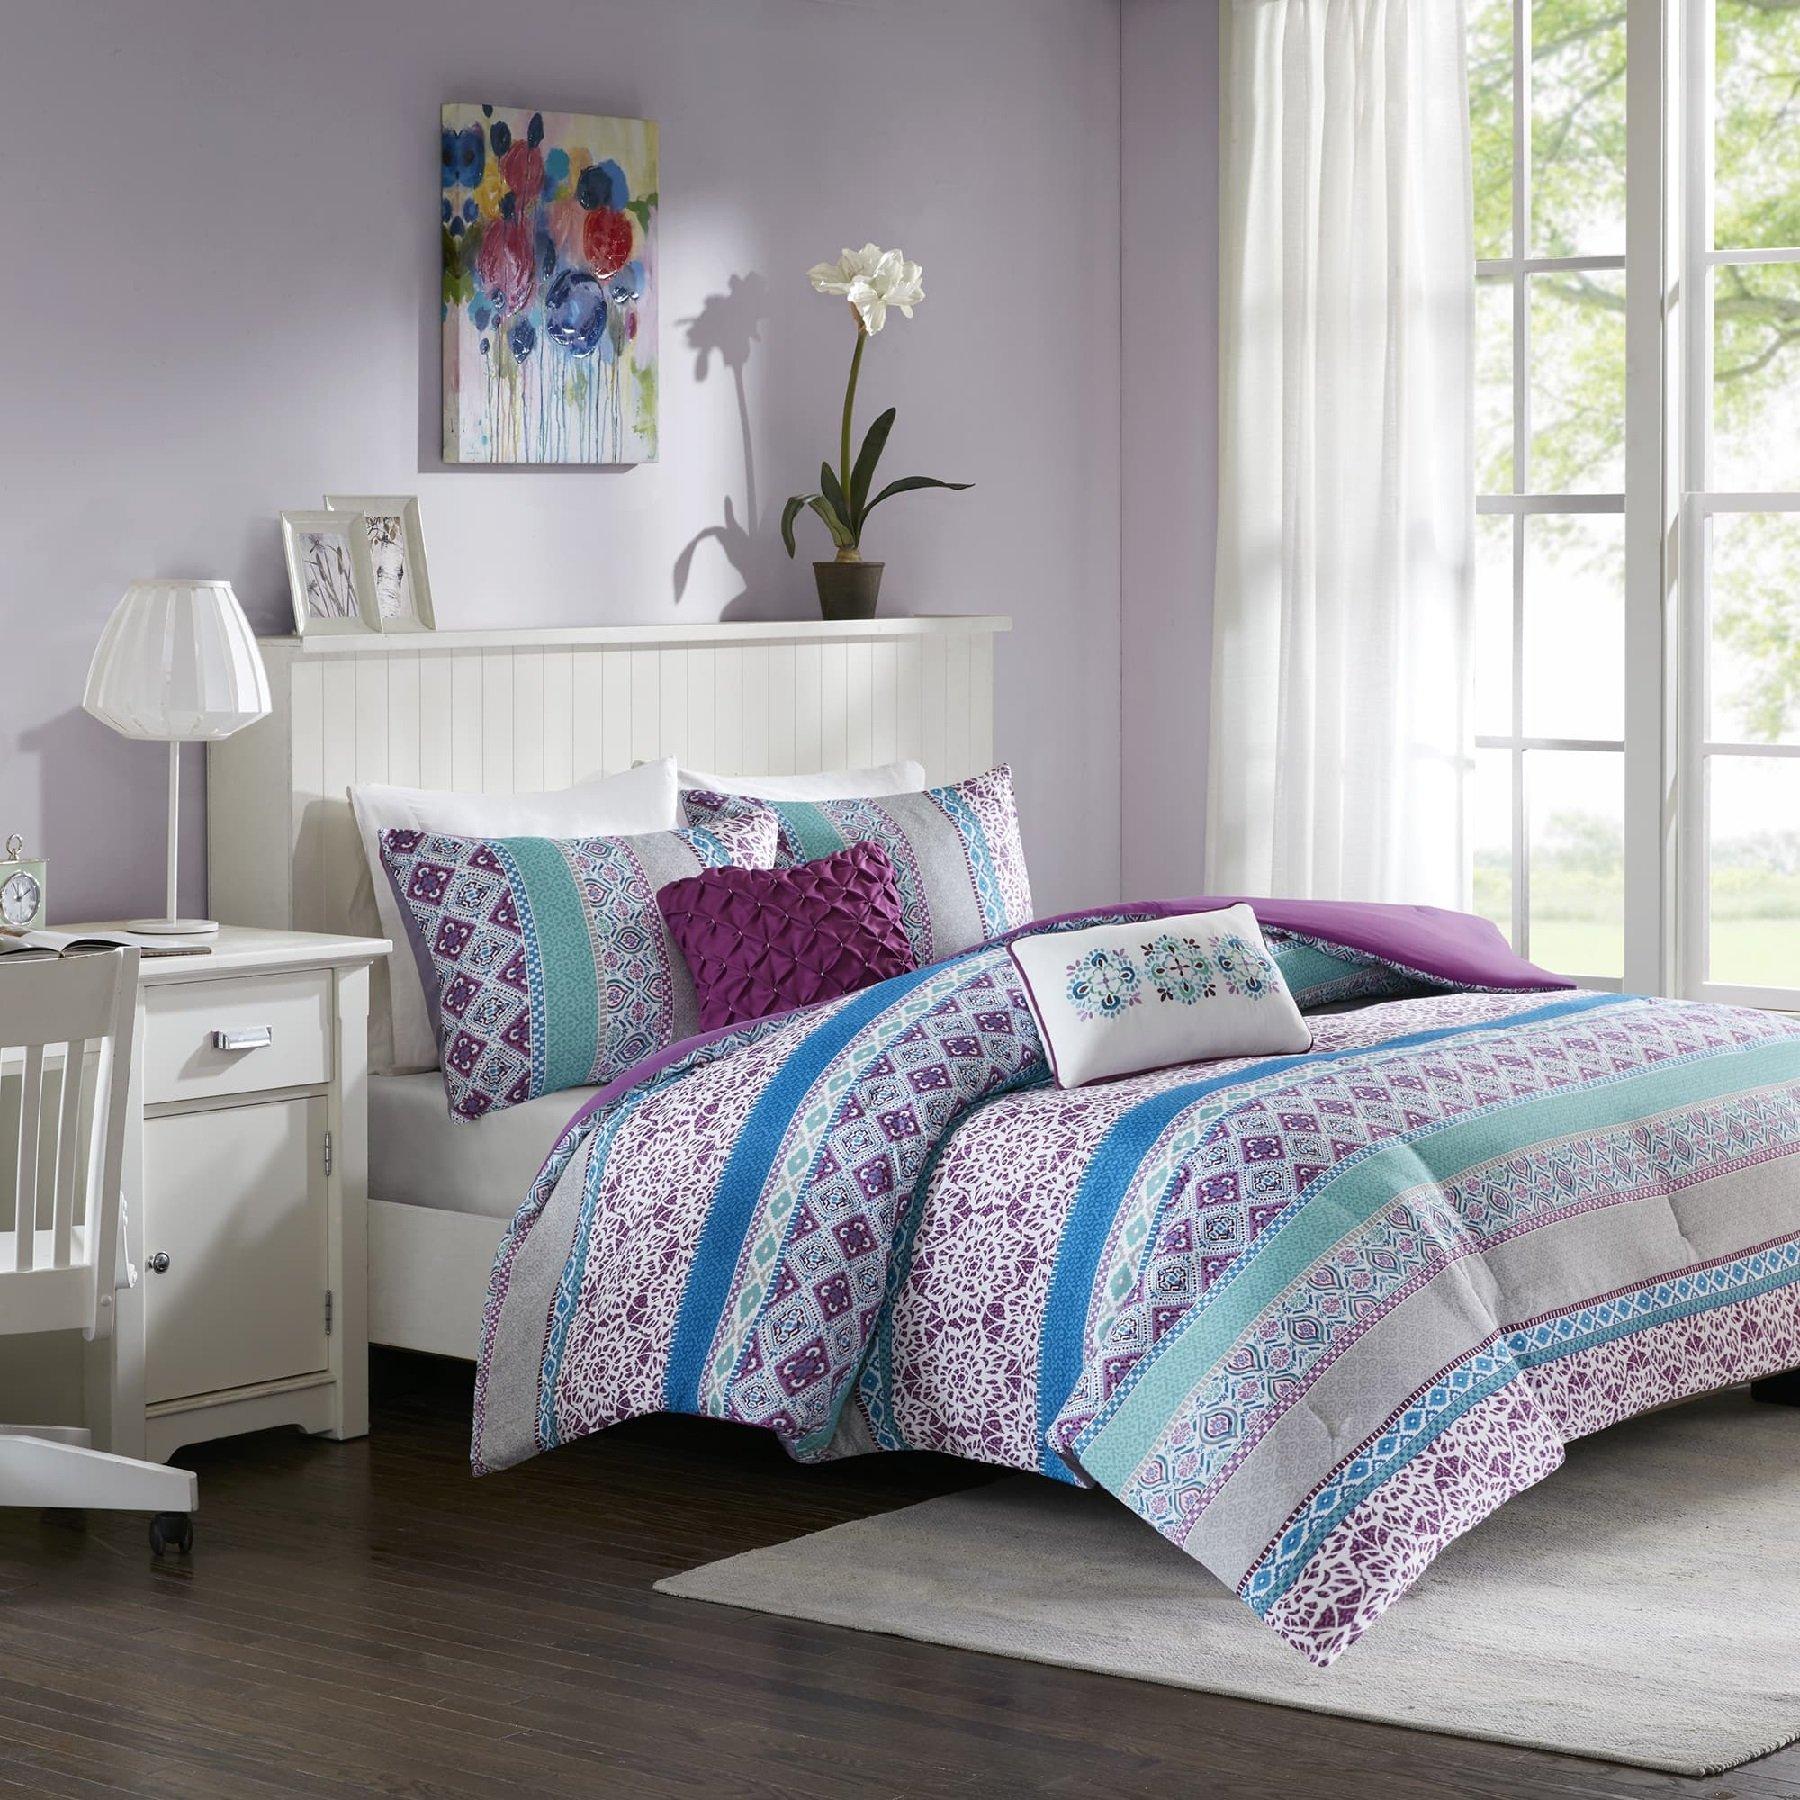 nude-teen-girl-comforters